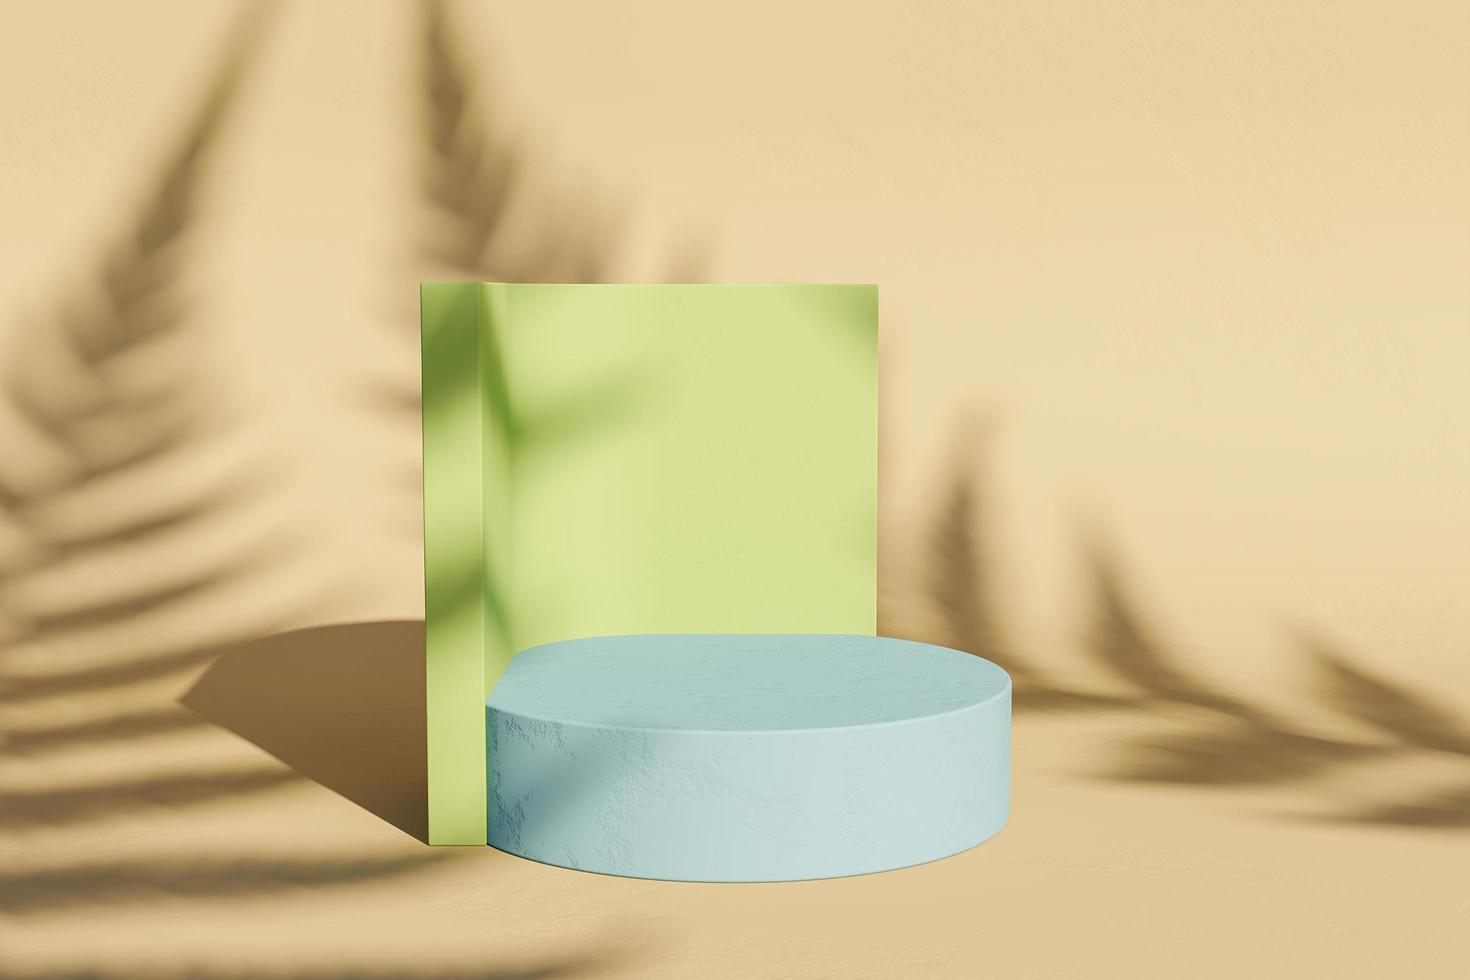 minimalistisk stativ för produktvisning med ormskugga foto